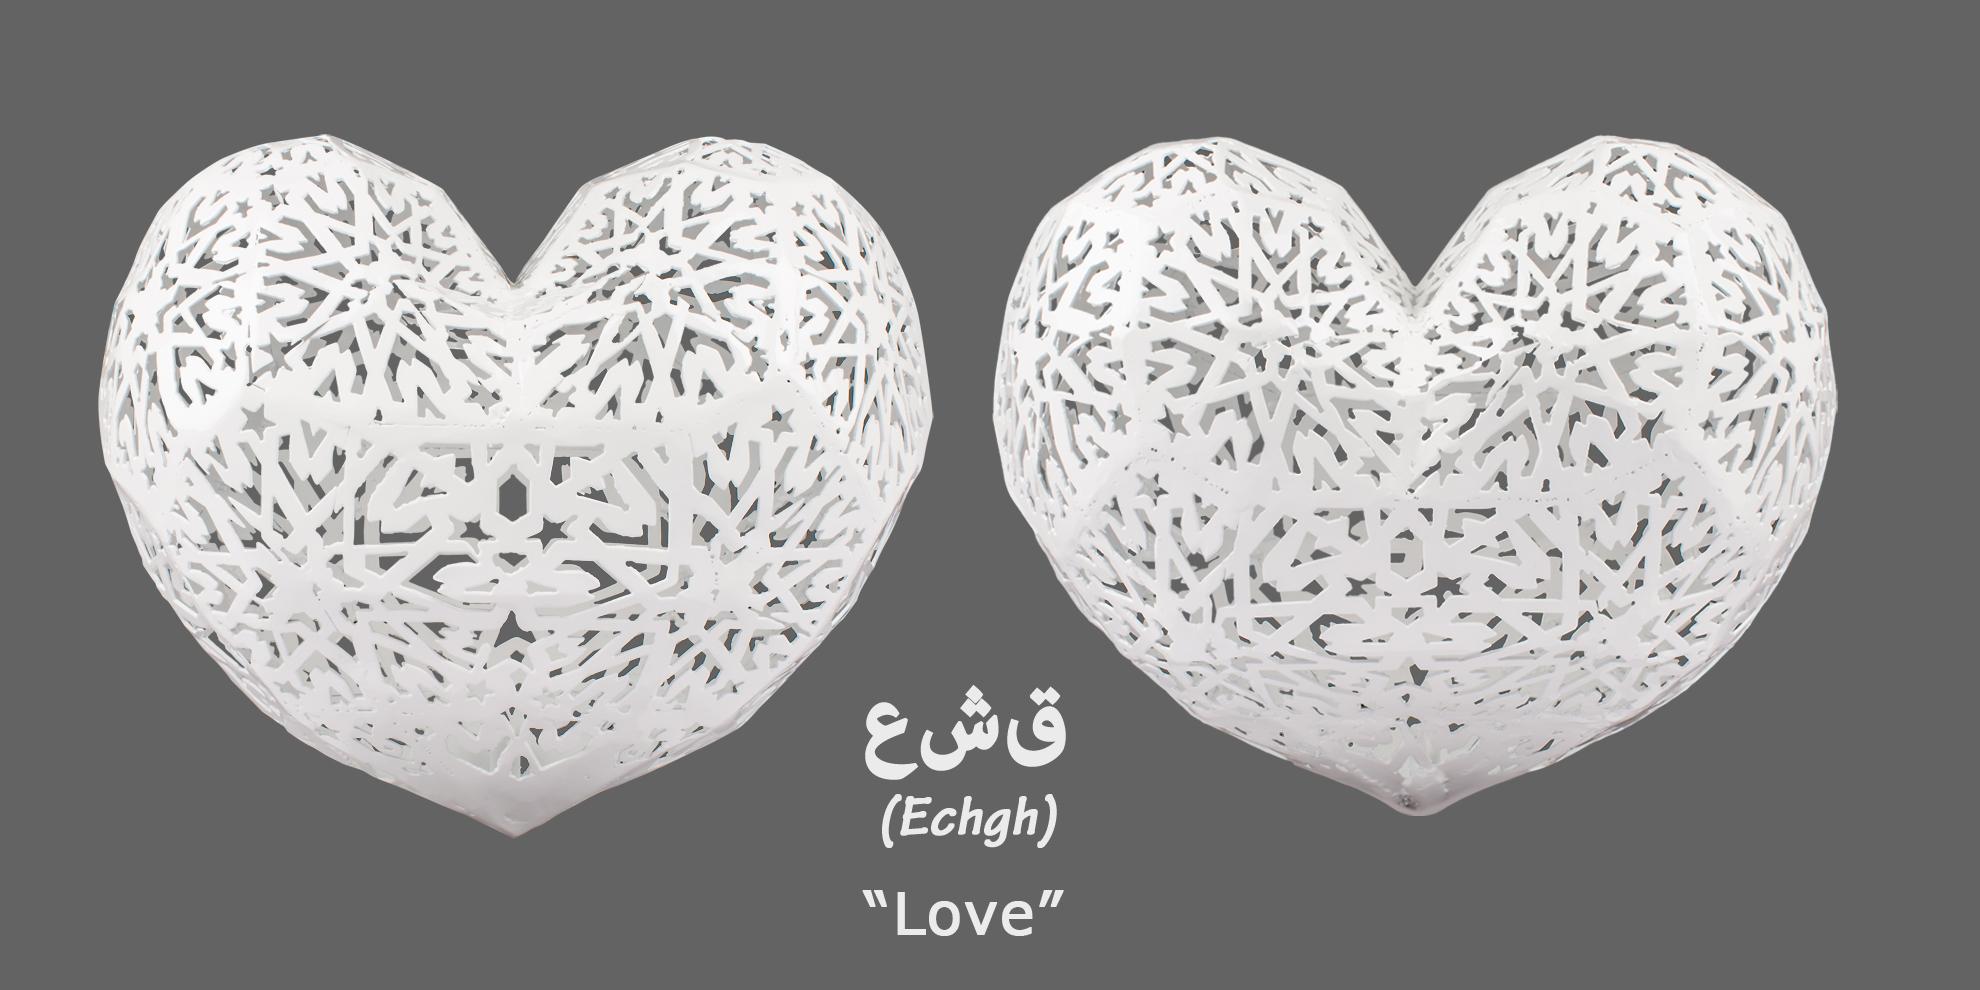 عشق (Echgh) is a symbol of love for my Iranian wife and daughter, and a continuation of my monumental work روشنايى(Roshanai). 2016